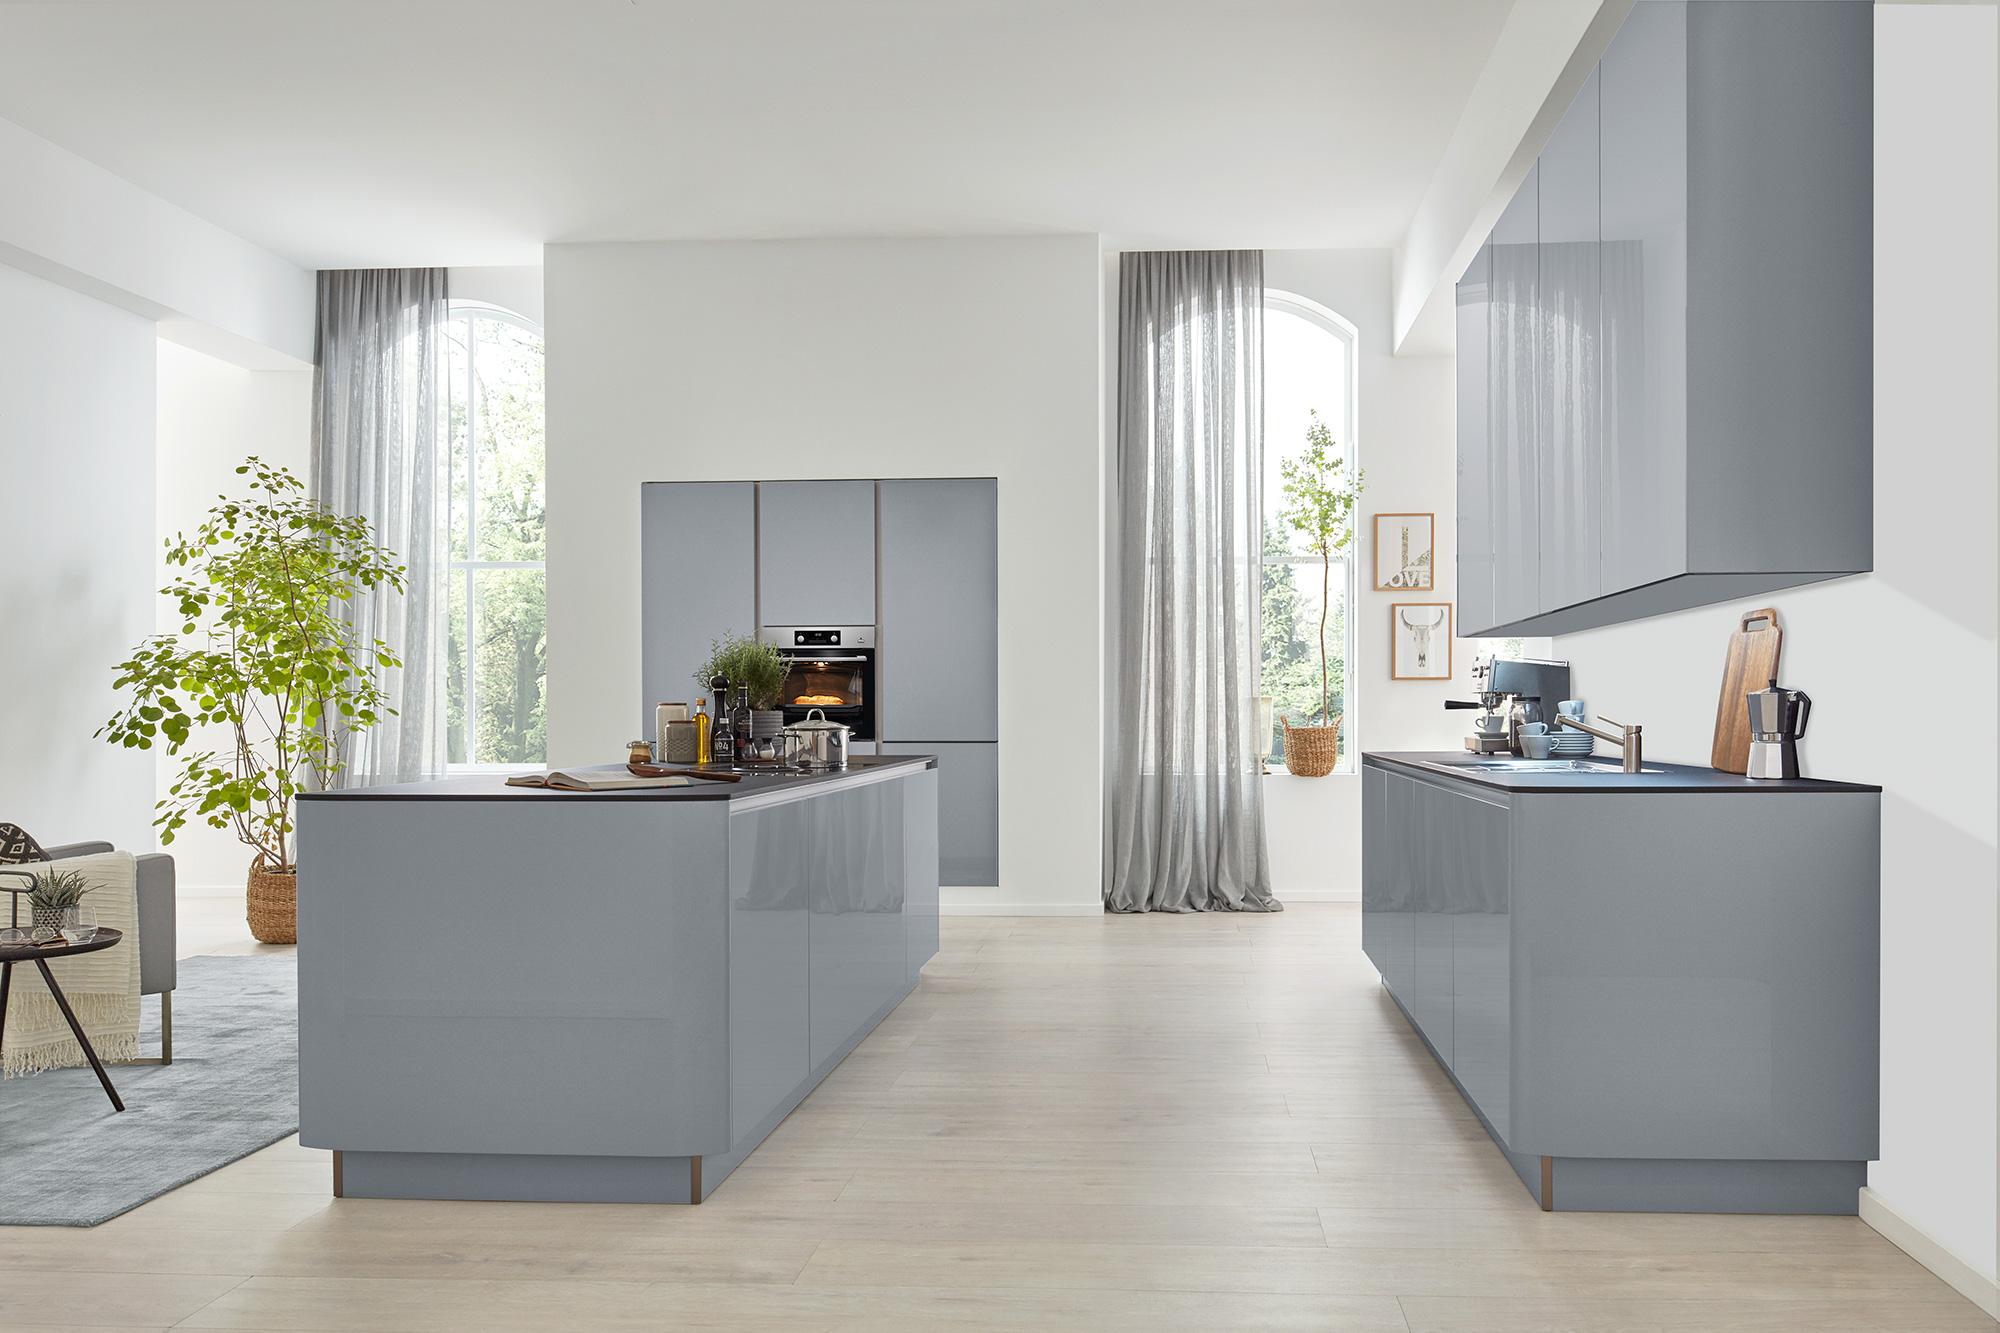 grifflose graue küche zweiteilig Interliving bei Wohn Schick